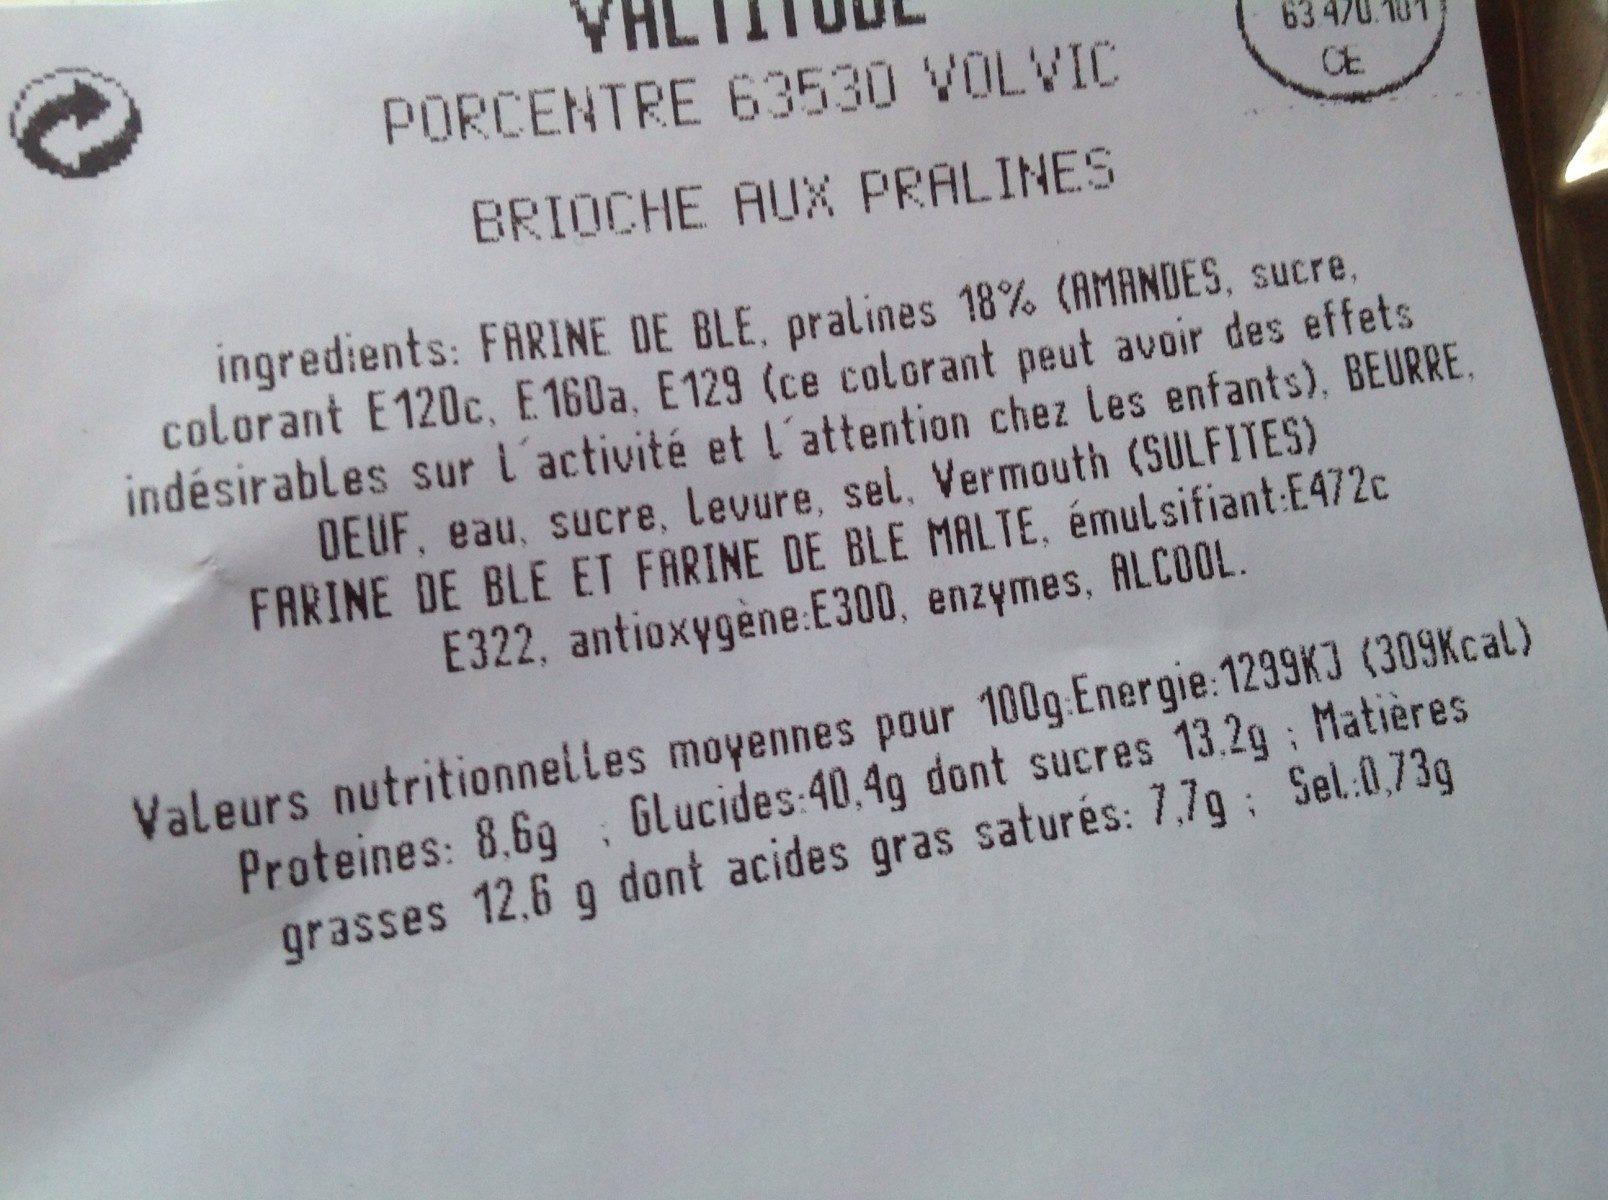 Brioche aux pralines pur beurre, le paquet de 400  g - Ingrédients - fr